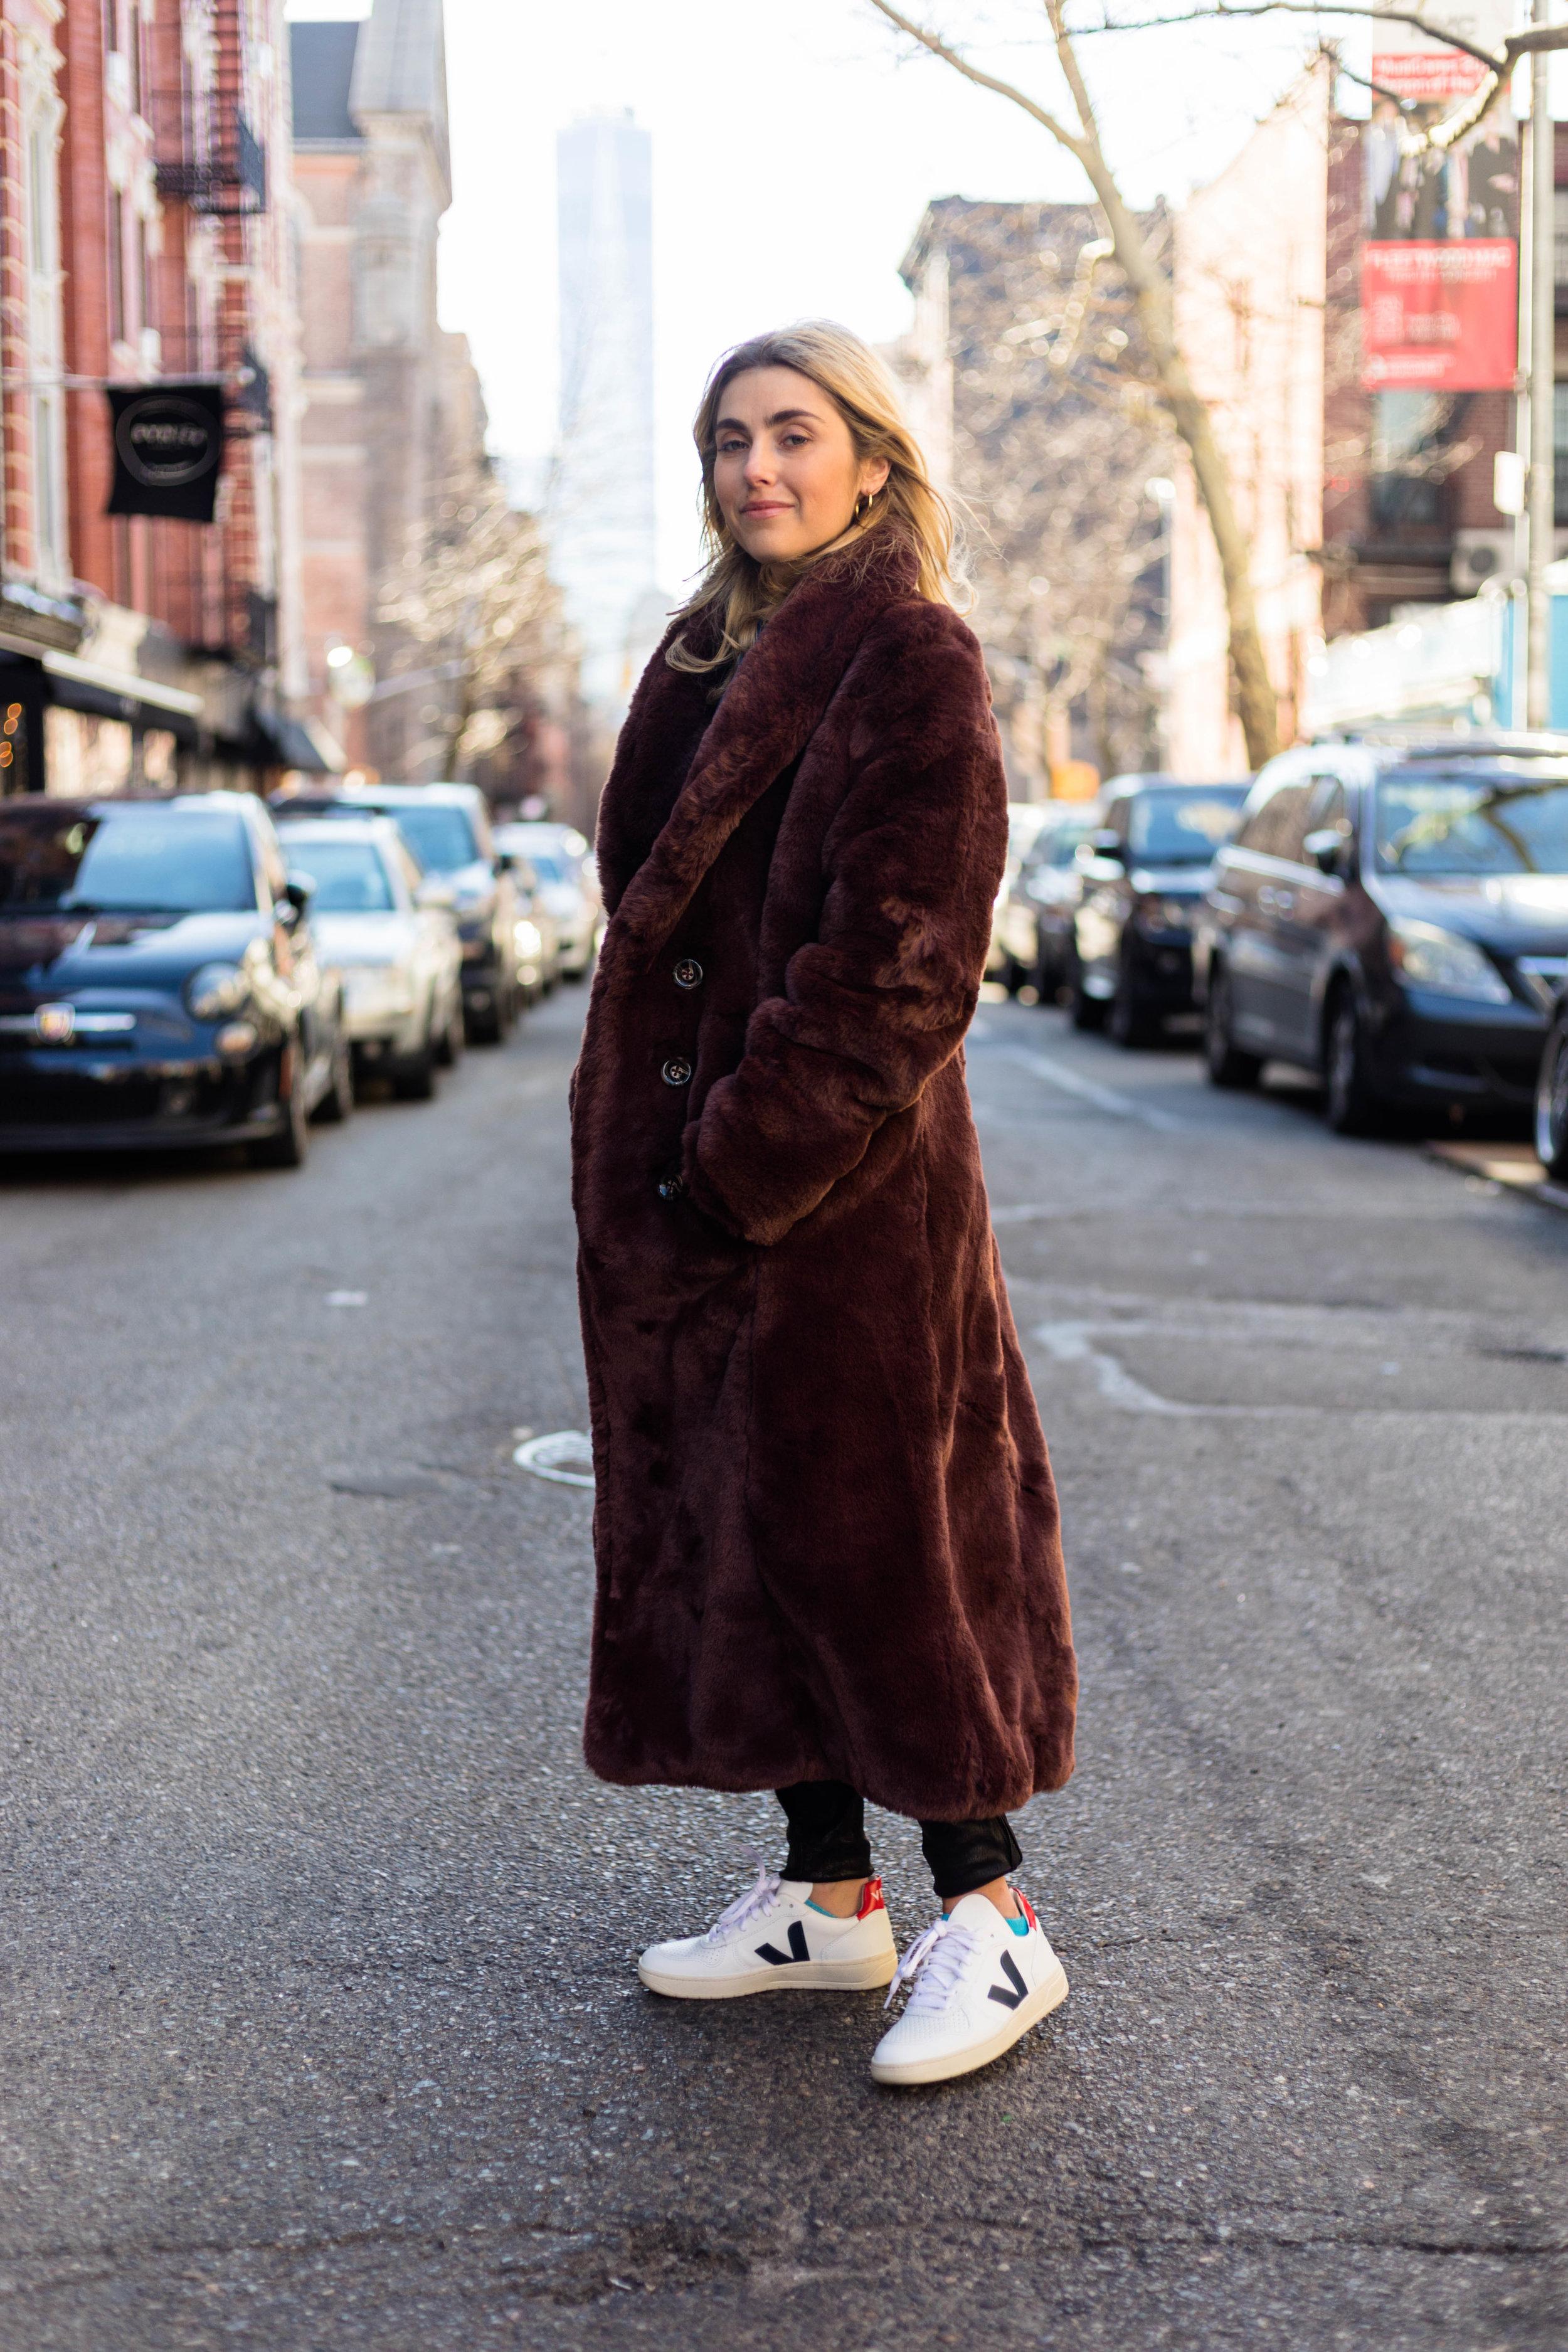 YIN 2MY YANG CHARLOTTE BICKLEY BLOGGER SISTERS NYC LONG JACKET POST JANUARY 2018